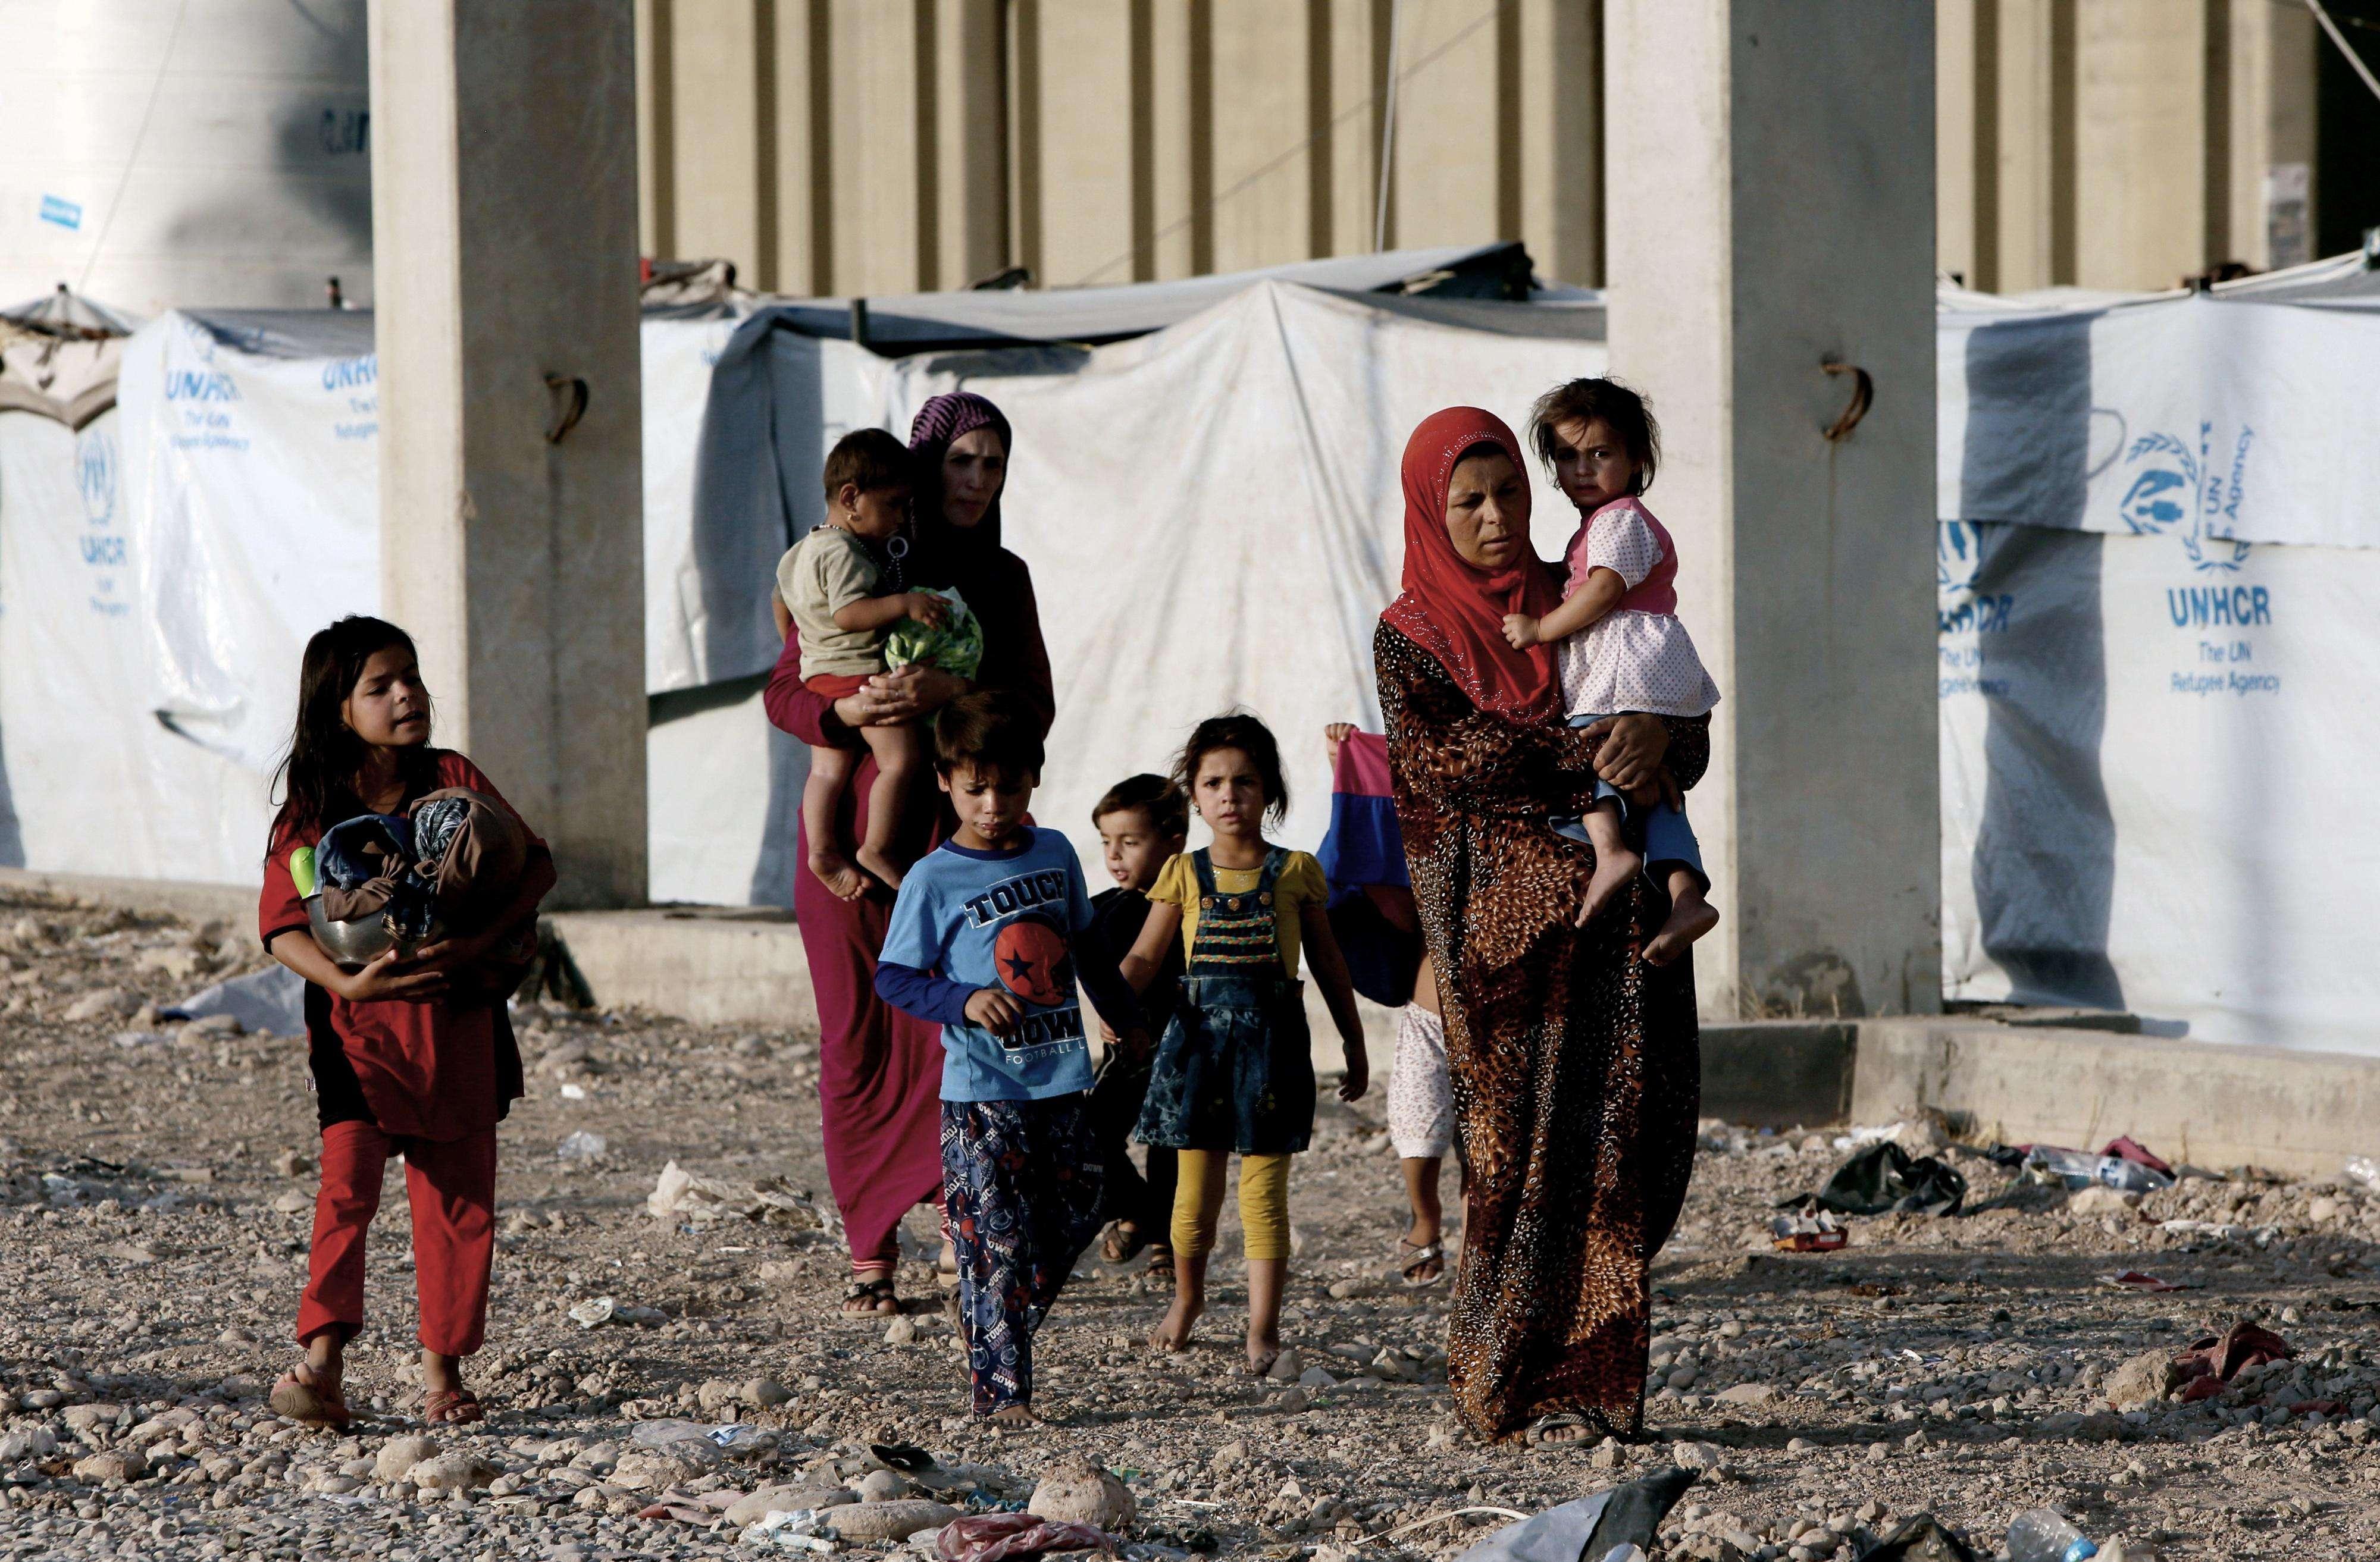 ONU: Más de 2.000 mujeres y niños secuestrados  en Irak